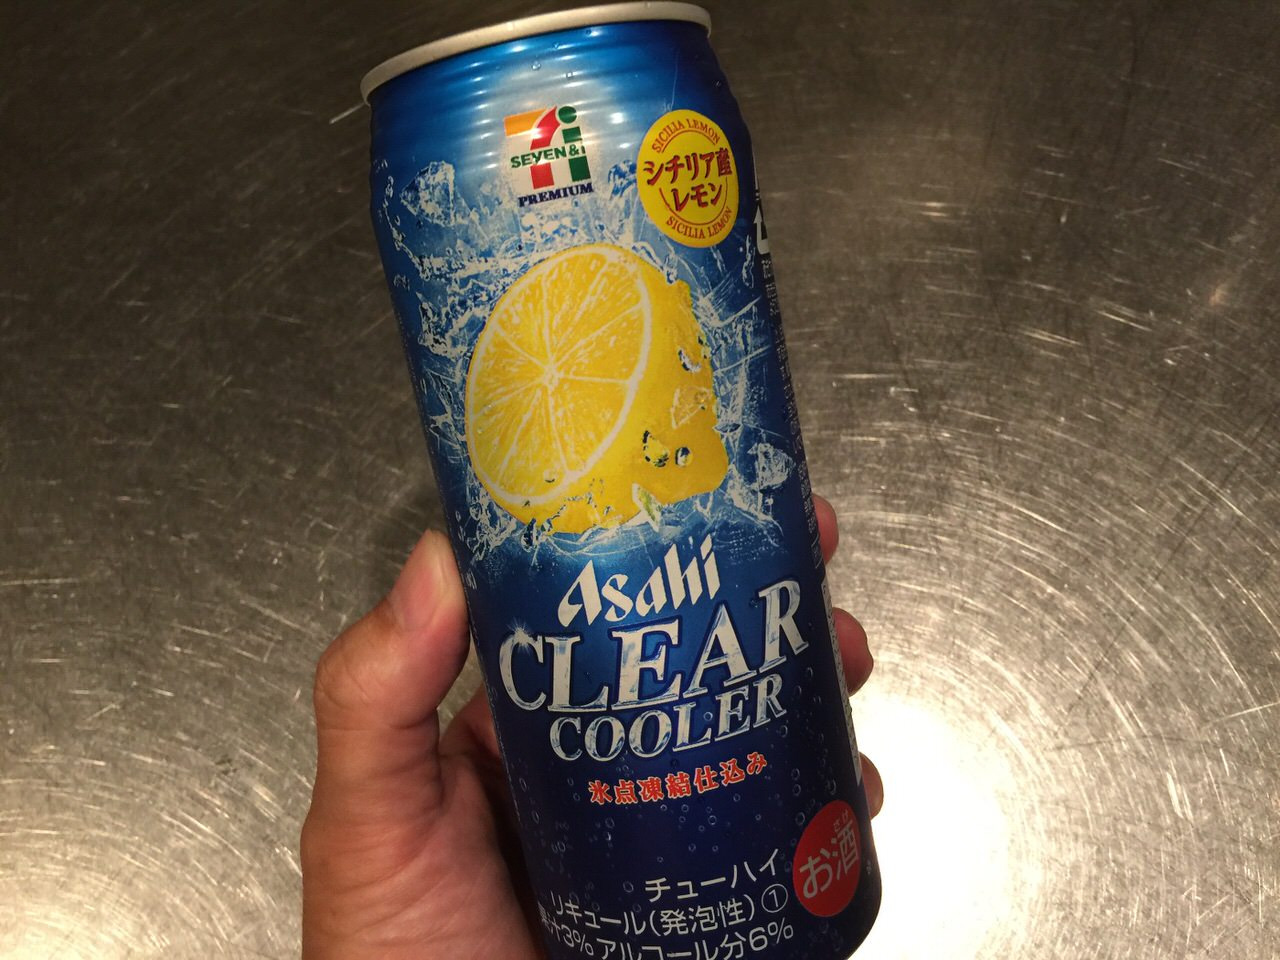 シチリア産レモンという言葉に弱い。セブンイレブンで142円の500ml缶チューハイを買ってみた